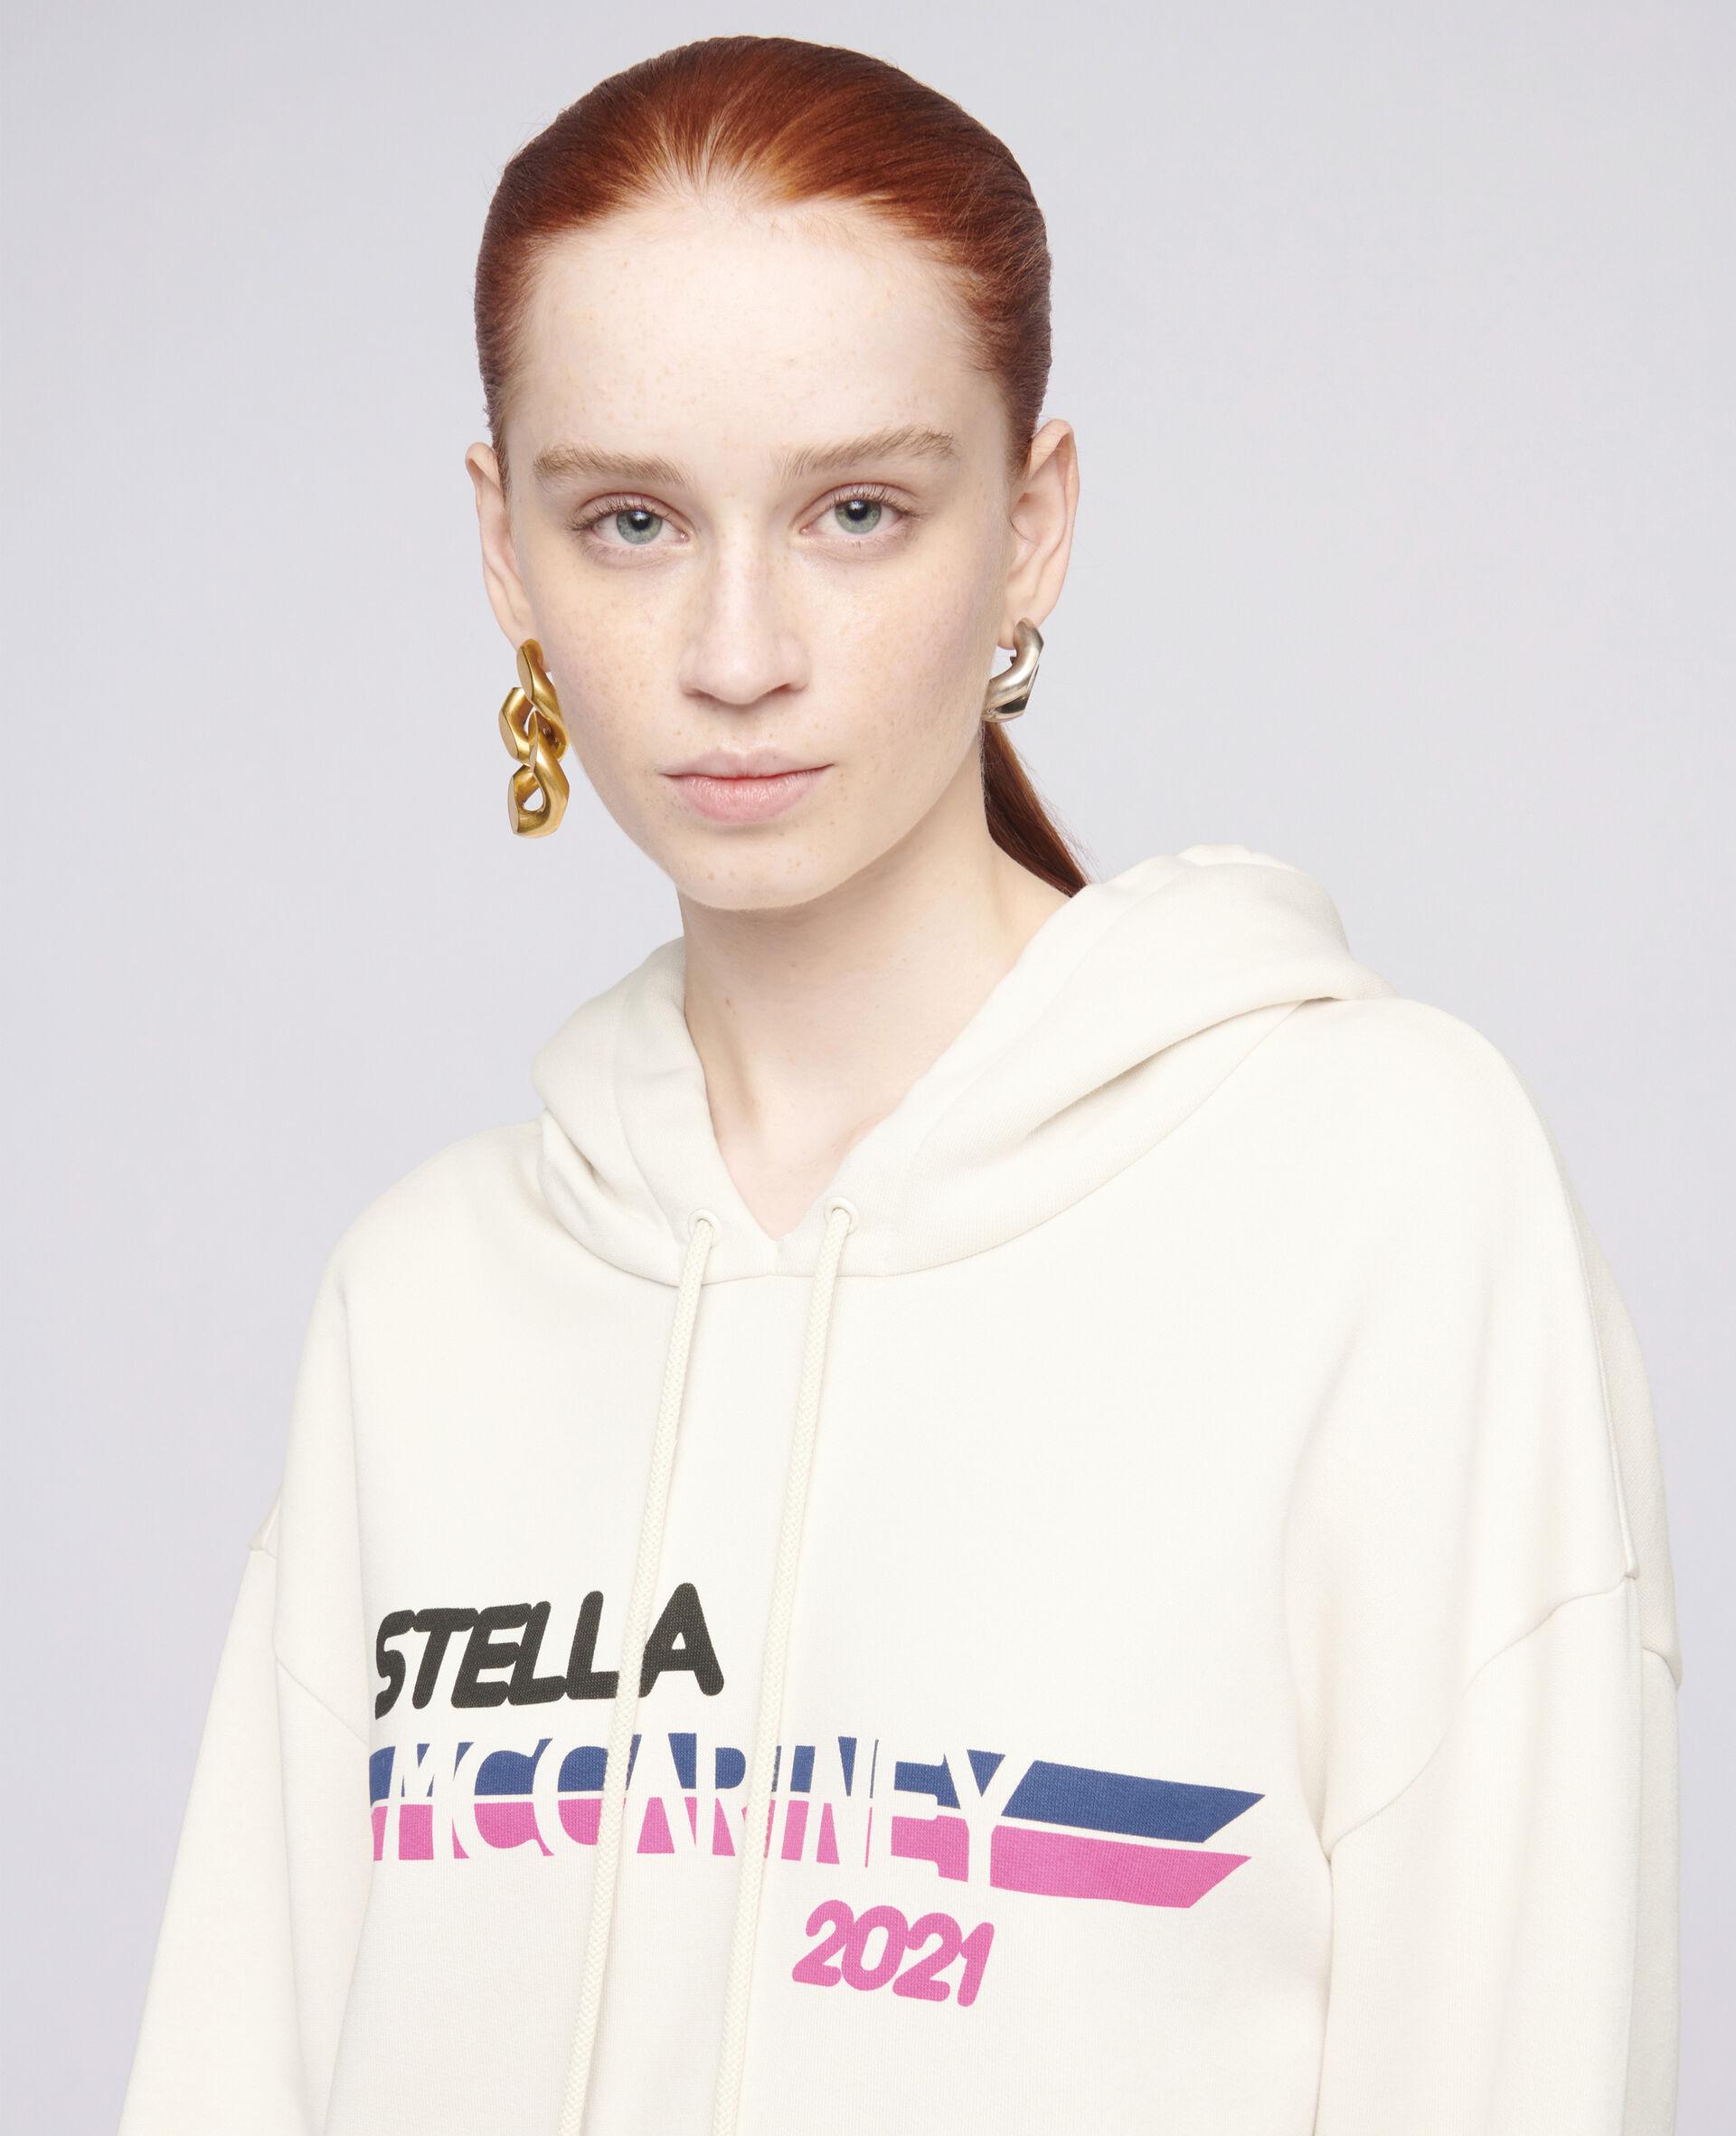 Stella McCartney 2021 徽标连帽衫-白色-large image number 3